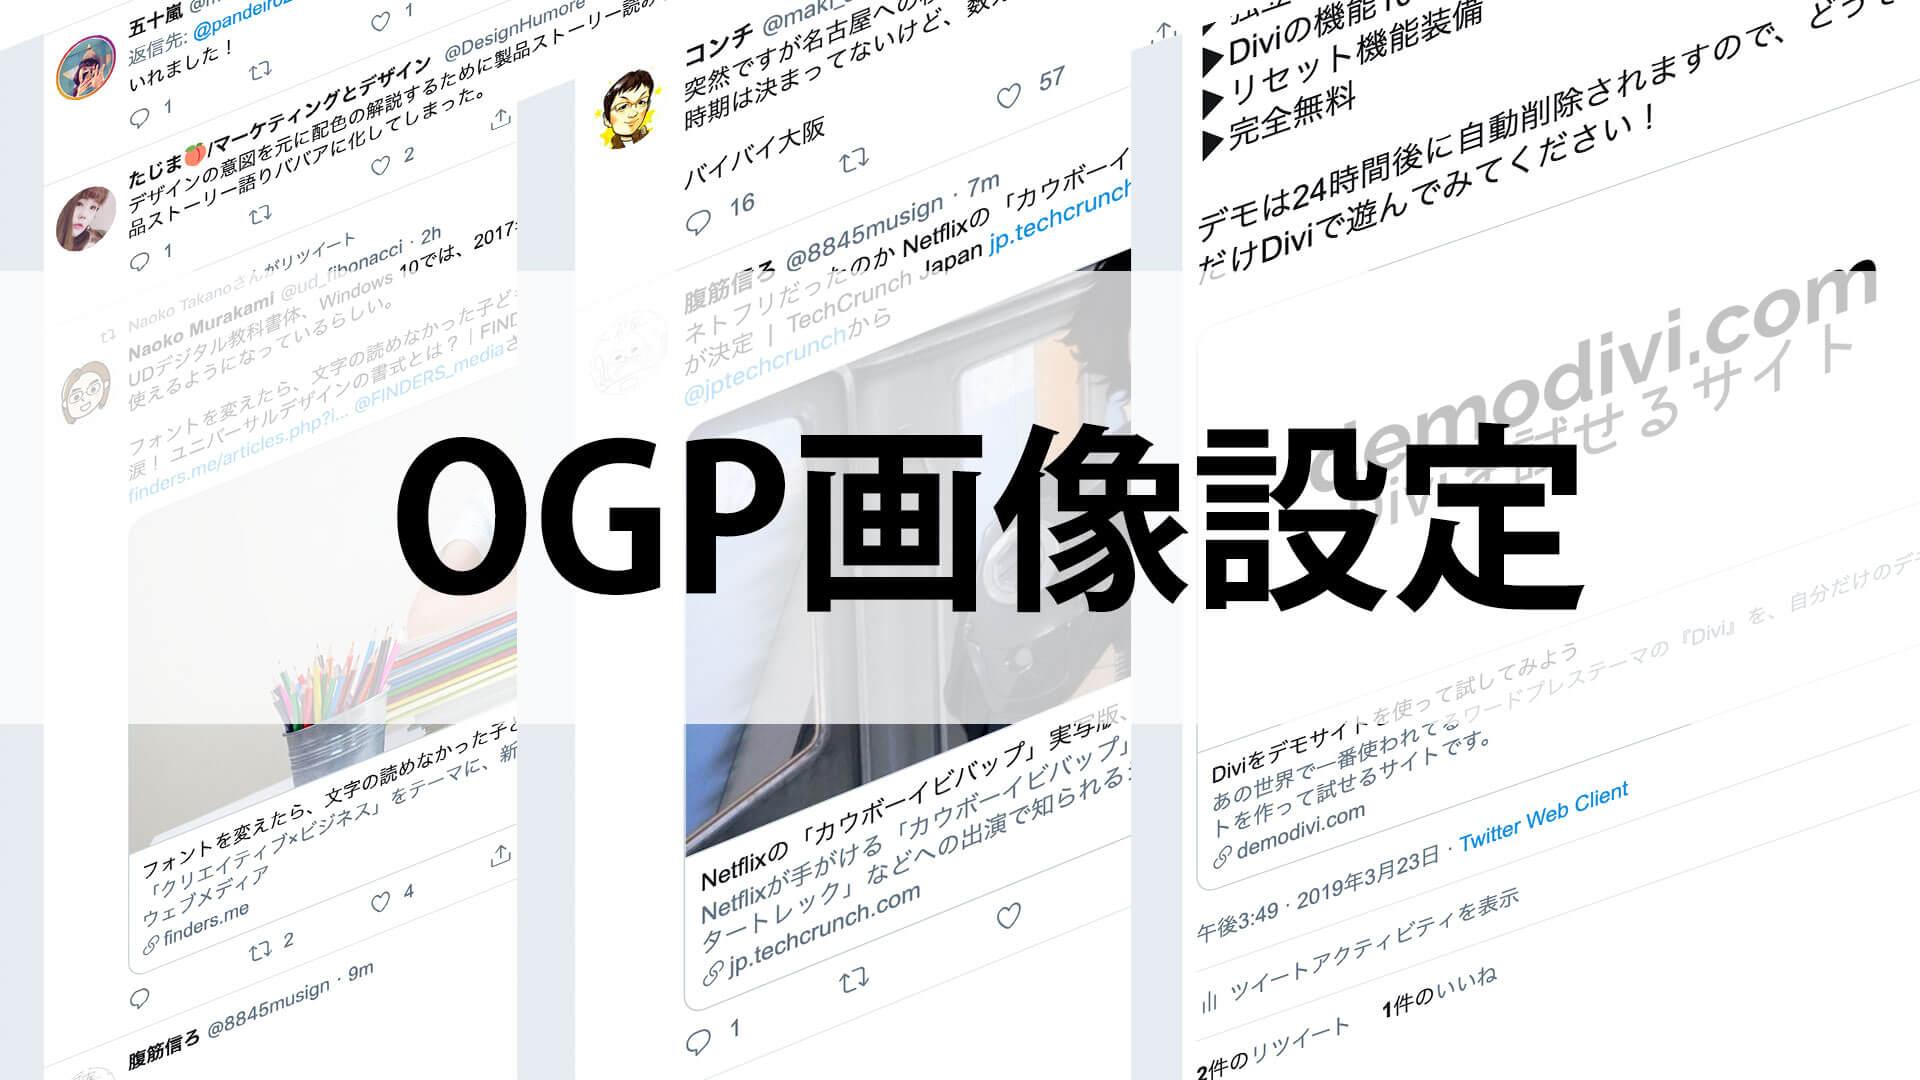 ワードプレスの記事のOGP画像の設定方法